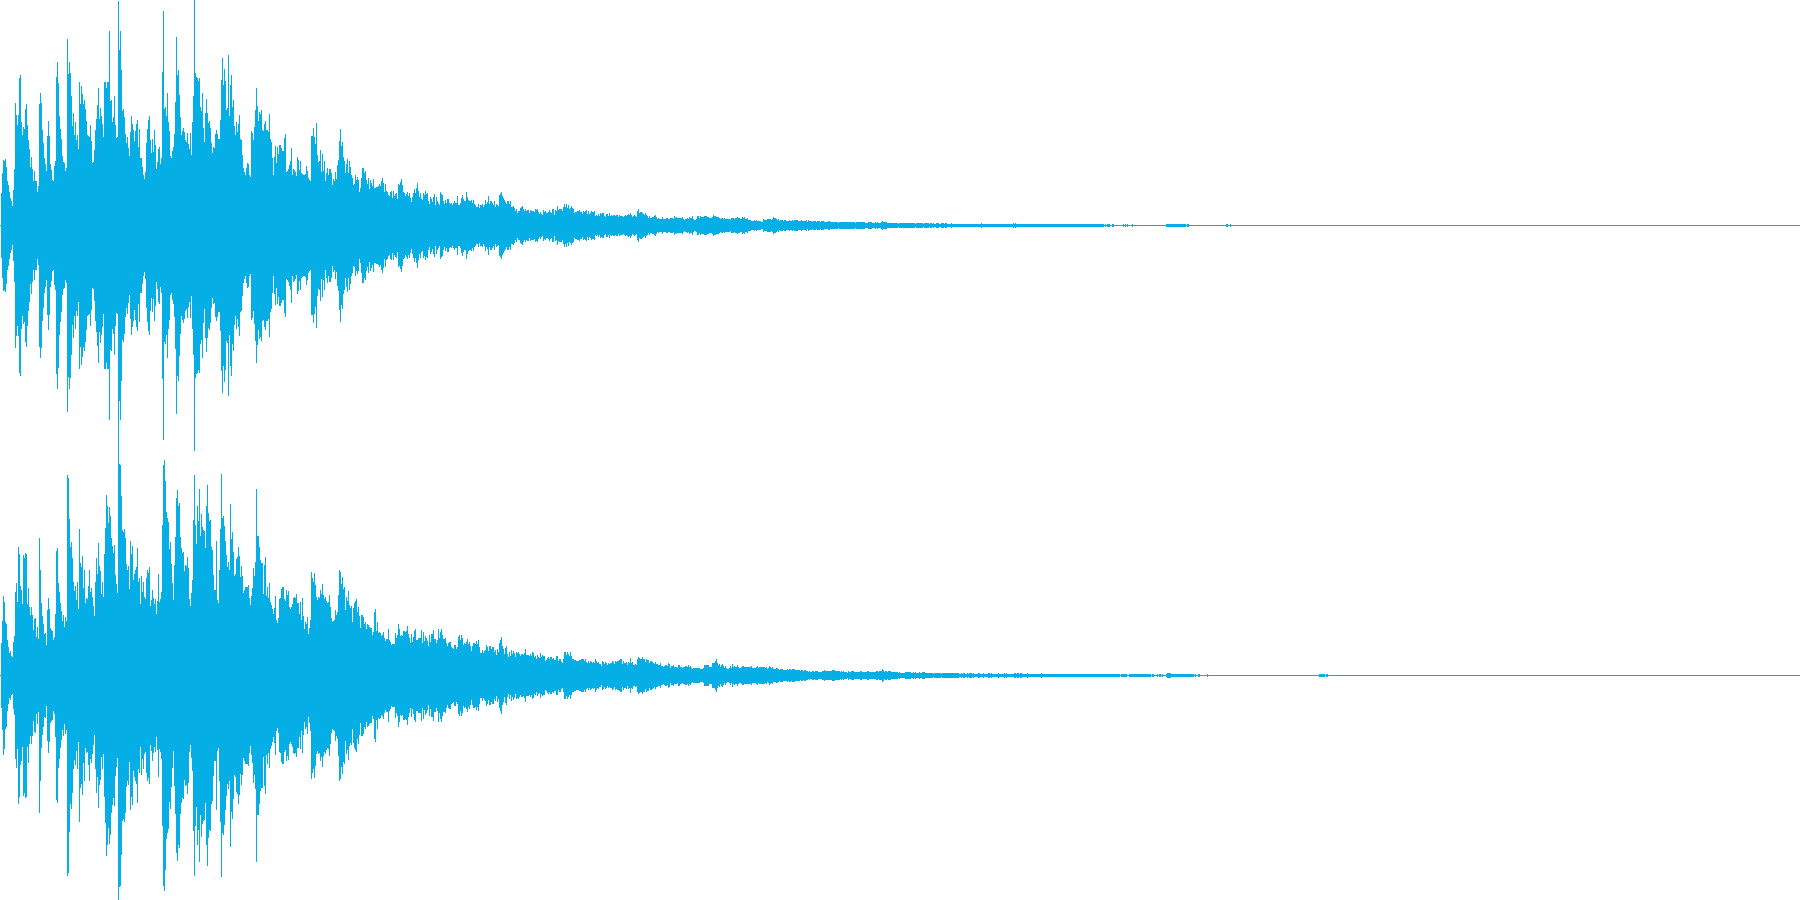 キラキラしたチャイム音の再生済みの波形